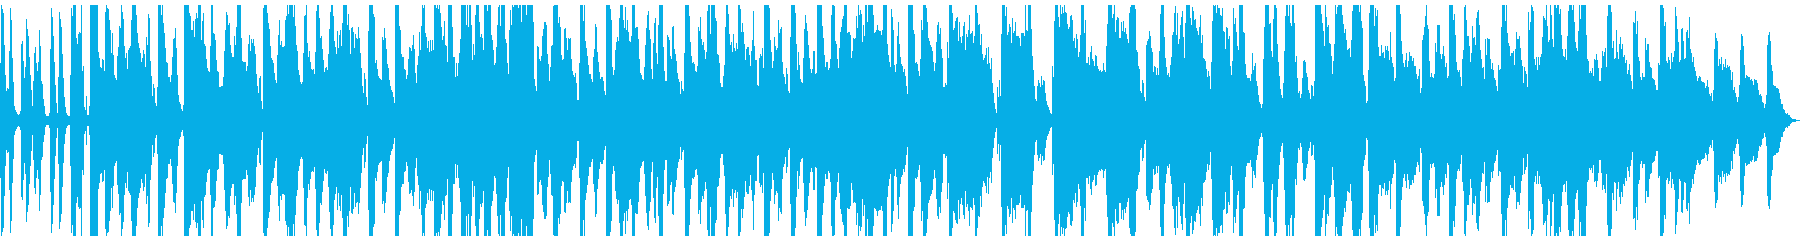 ヒップホップアンダースコア、楽しい...の再生済みの波形